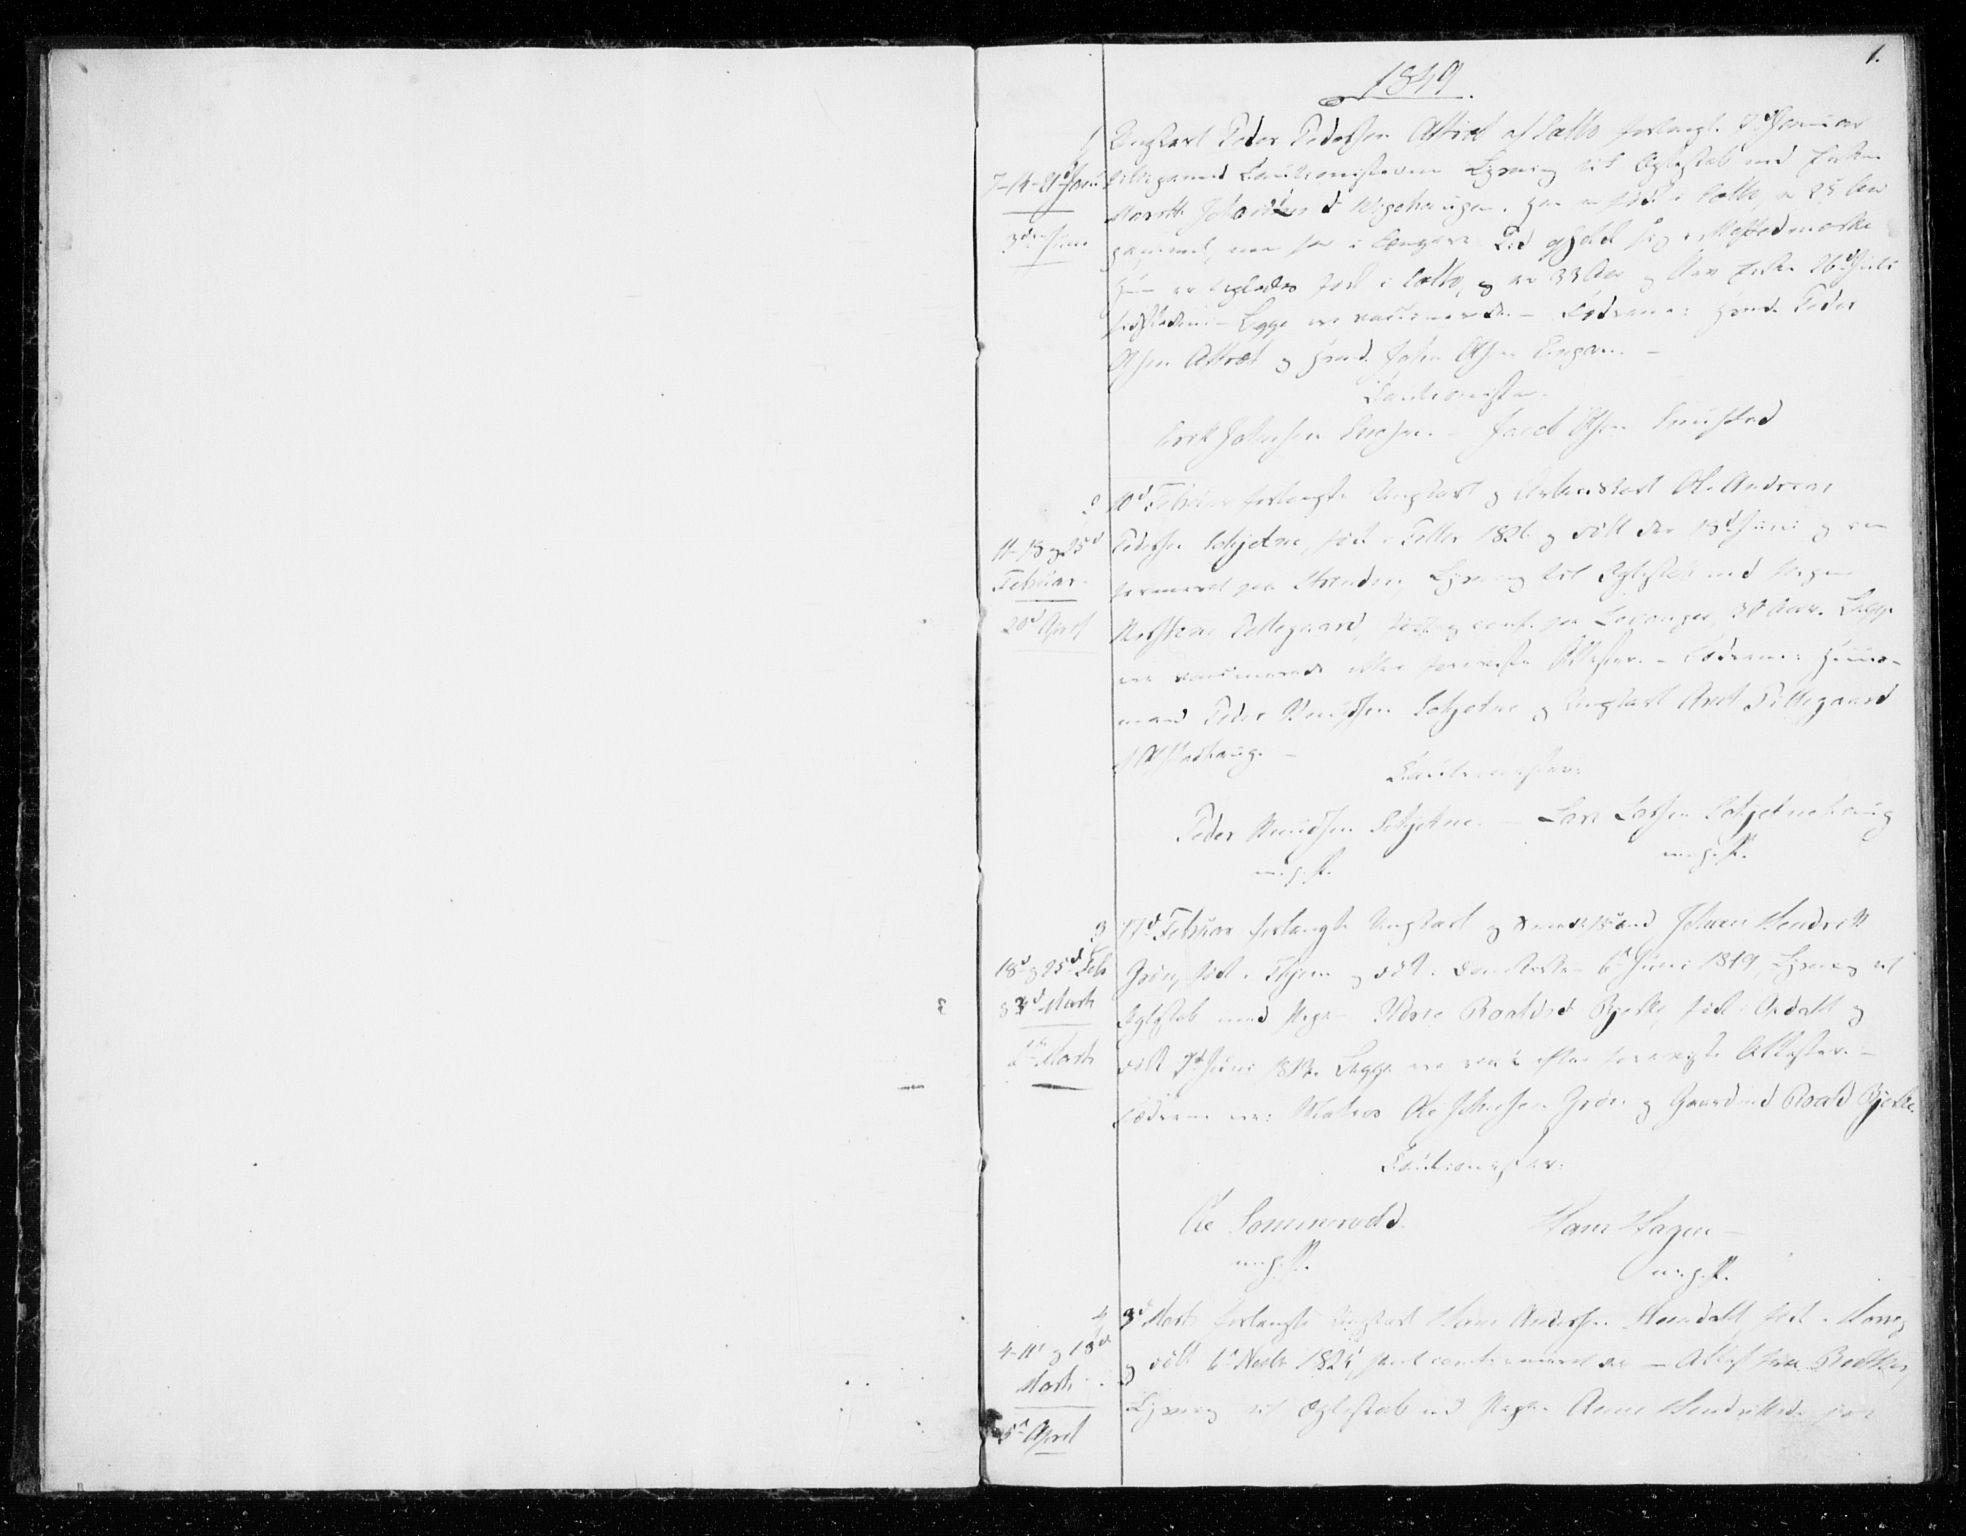 SAT, Ministerialprotokoller, klokkerbøker og fødselsregistre - Sør-Trøndelag, 606/L0296: Lysningsprotokoll nr. 606A11, 1849-1854, s. 1